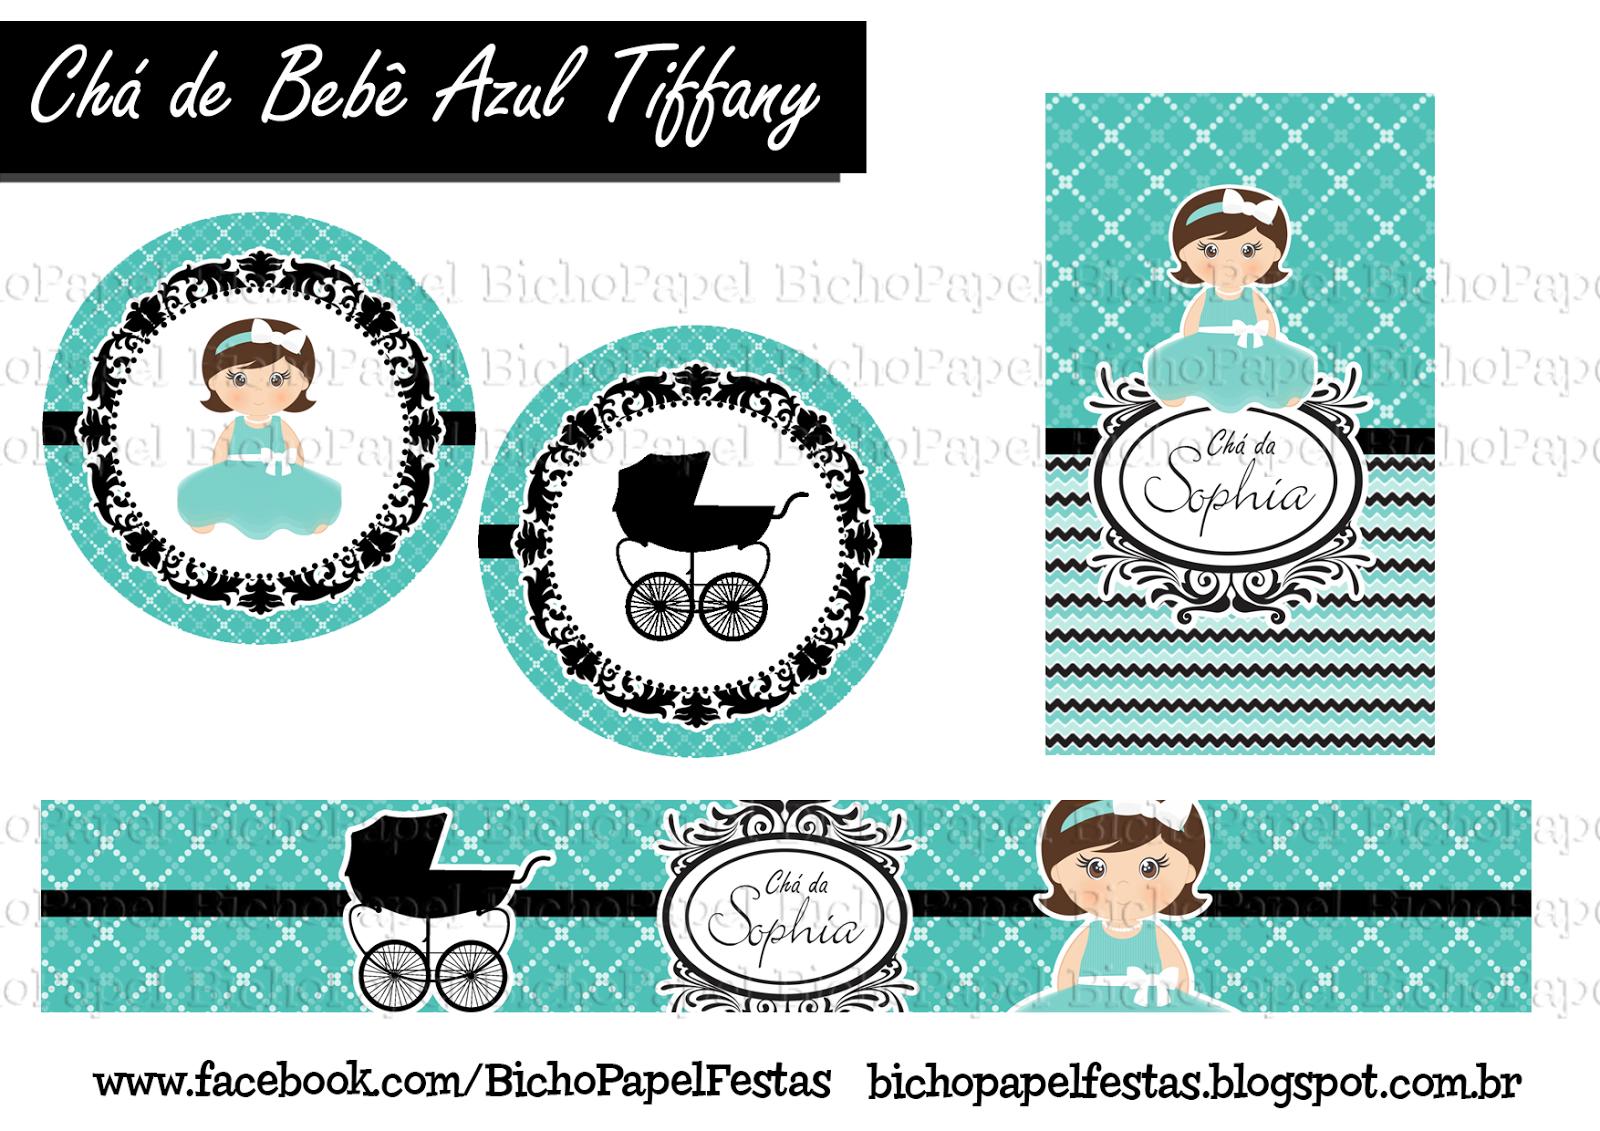 Kit Chá de Bebê Azul Tiffany